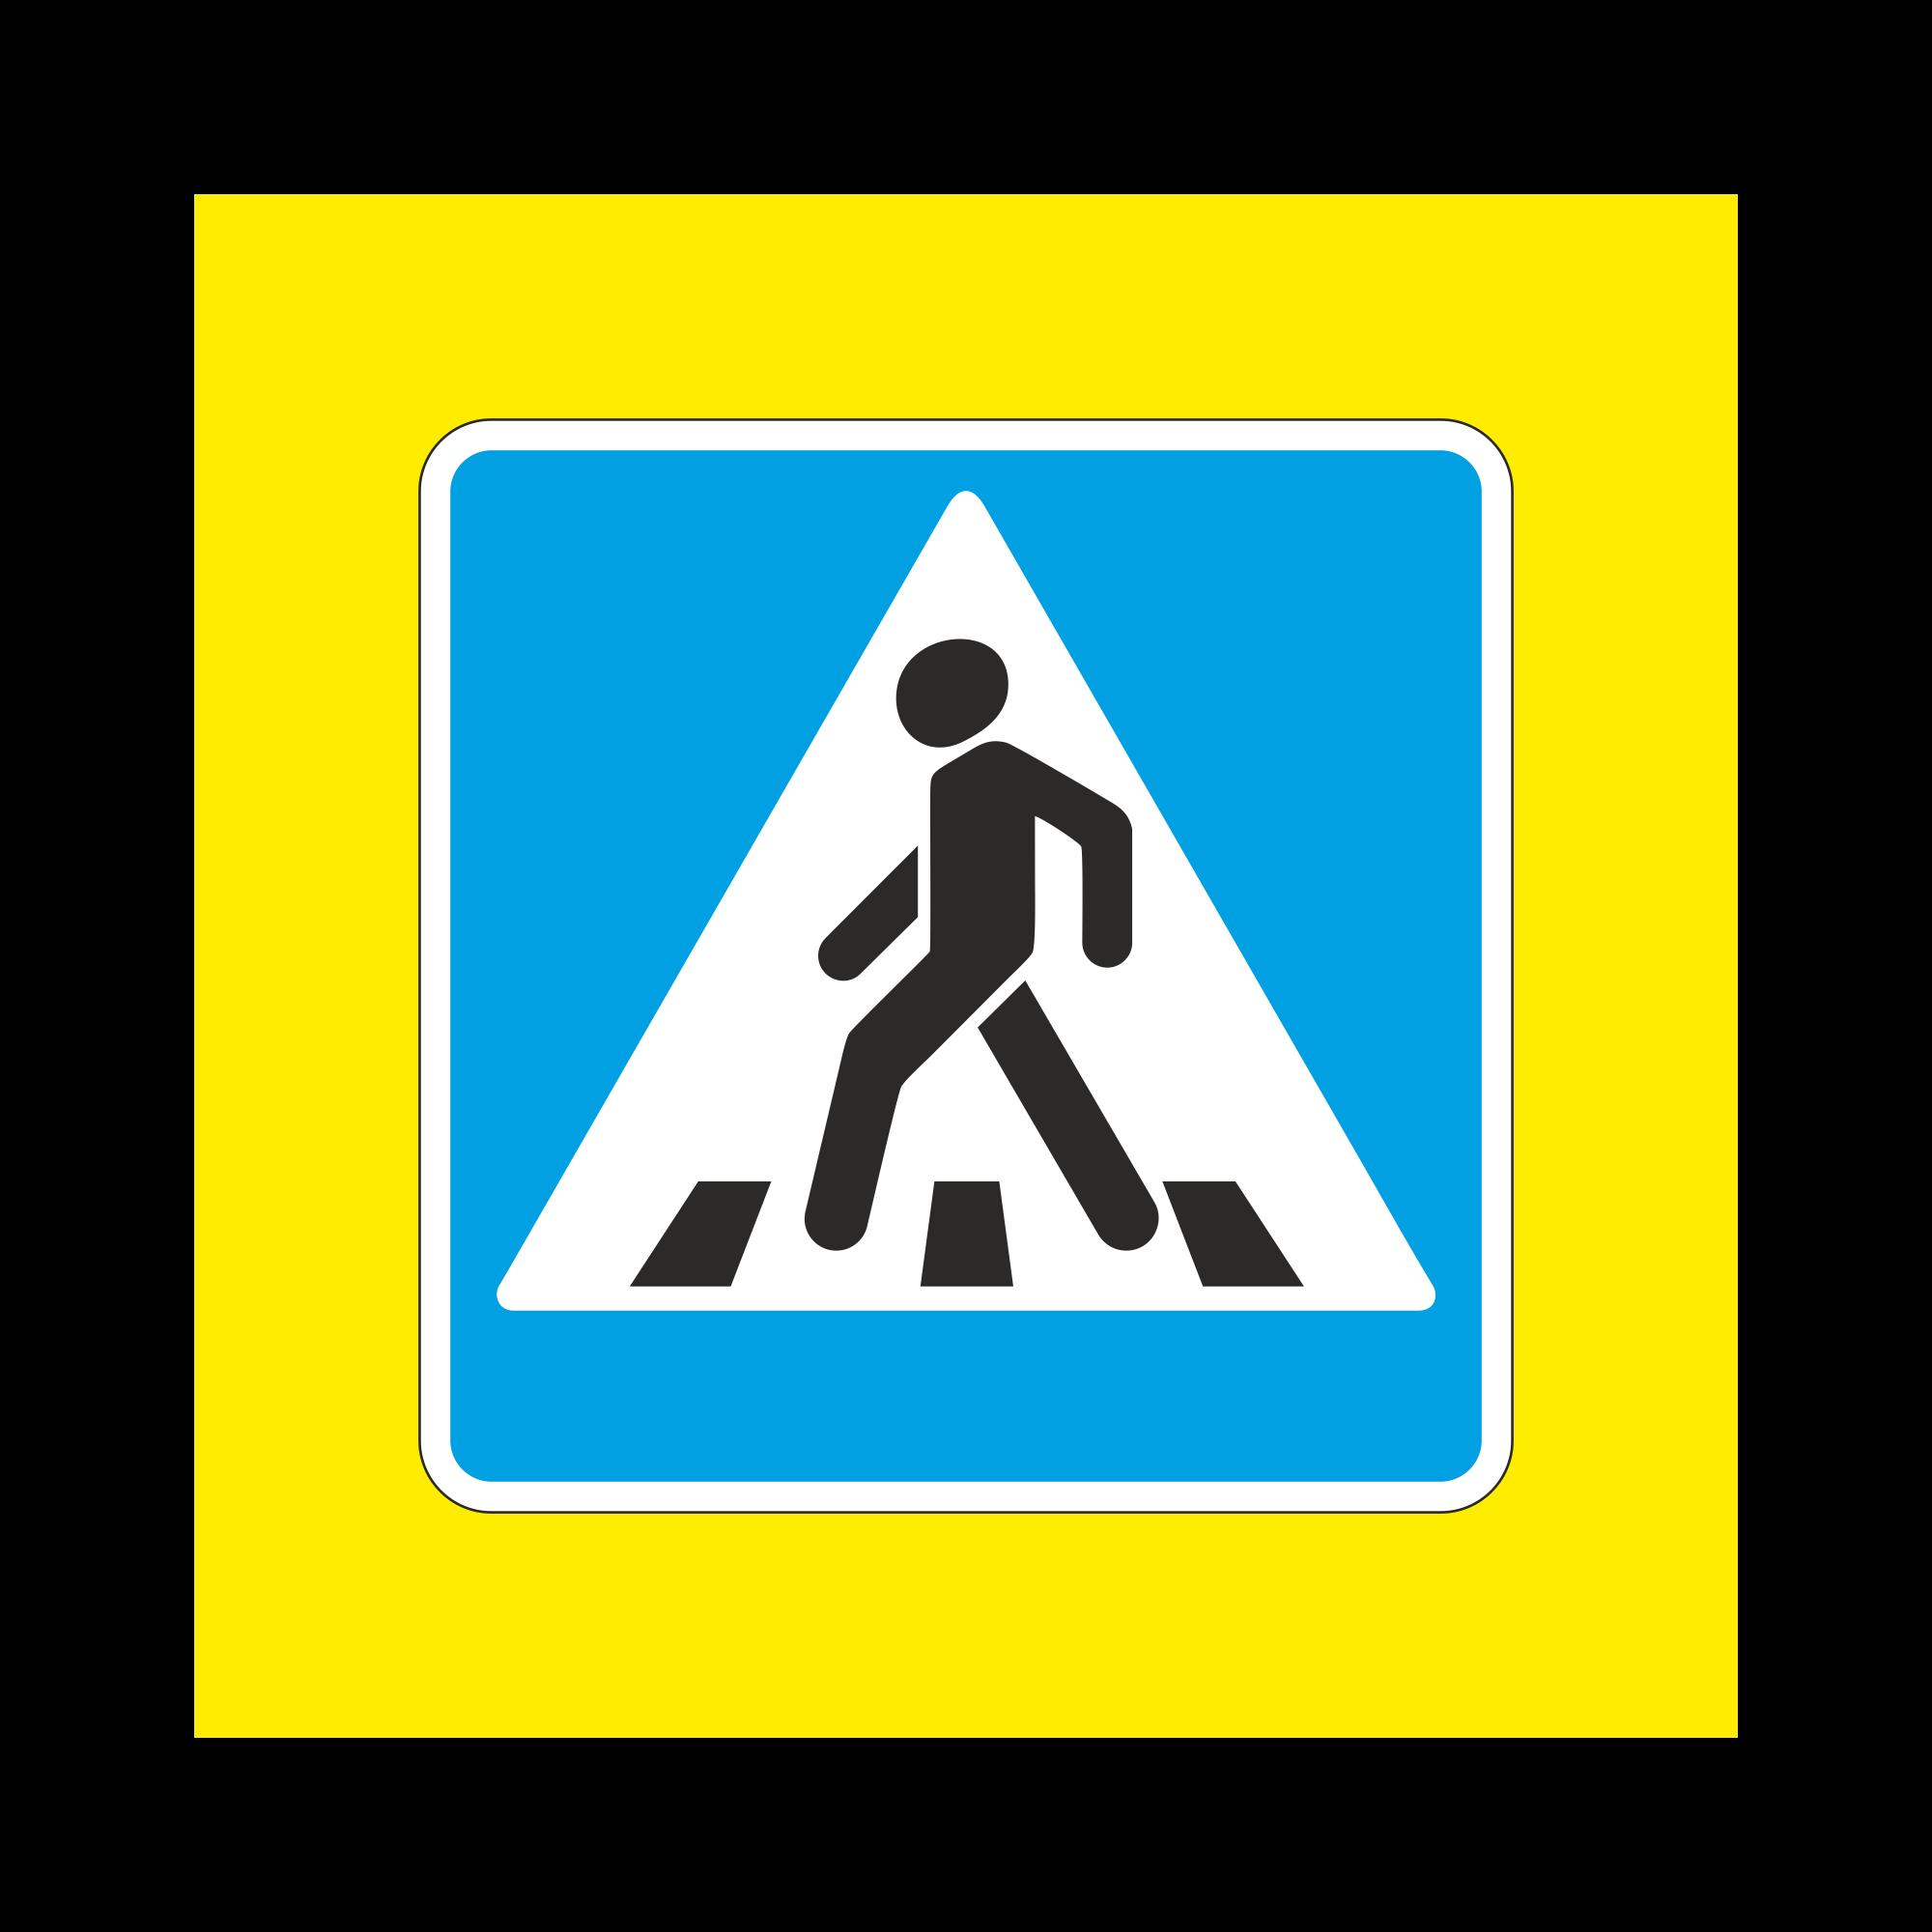 5.19.1 Пешеходный переход на флюоресцентном фоне